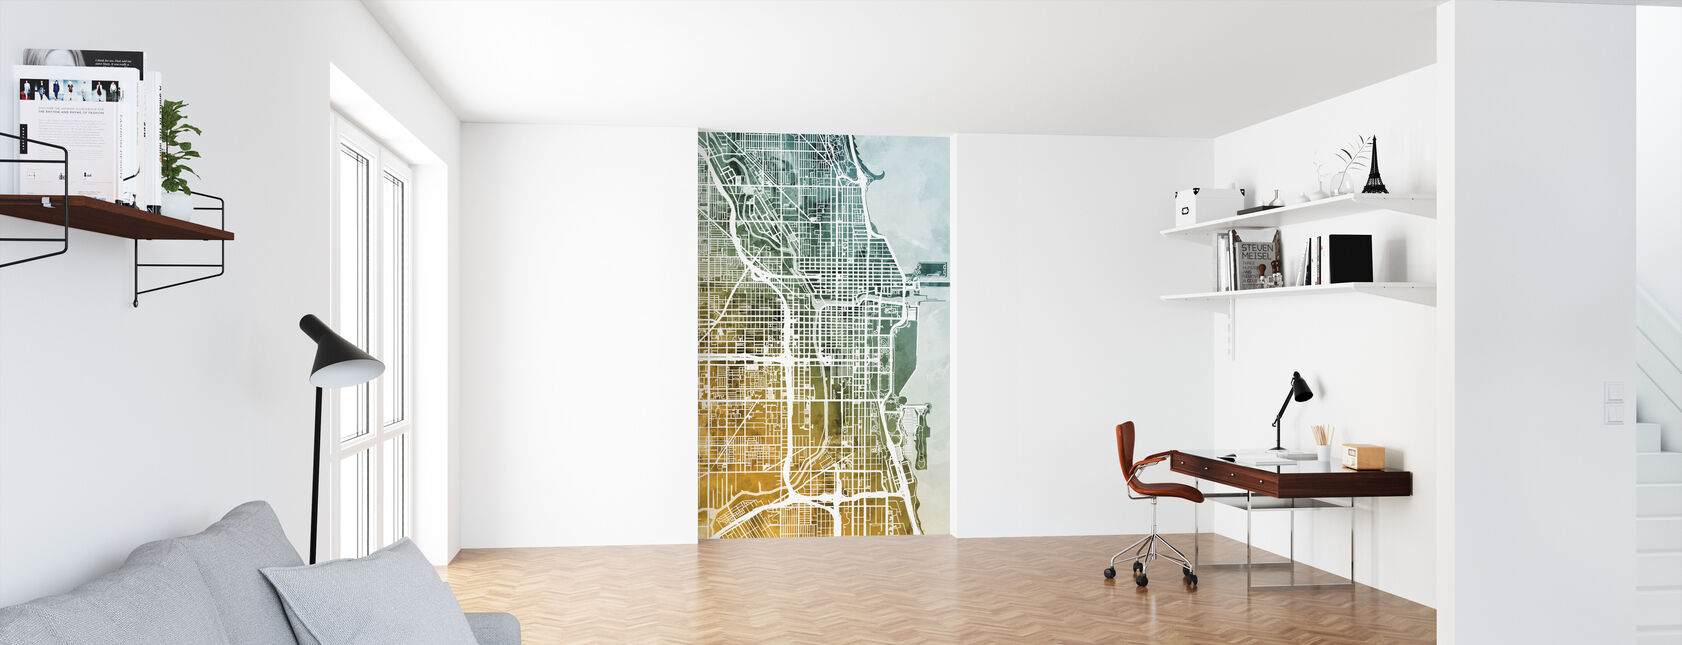 Chicago City Street Kaart - Behang - Kantoor